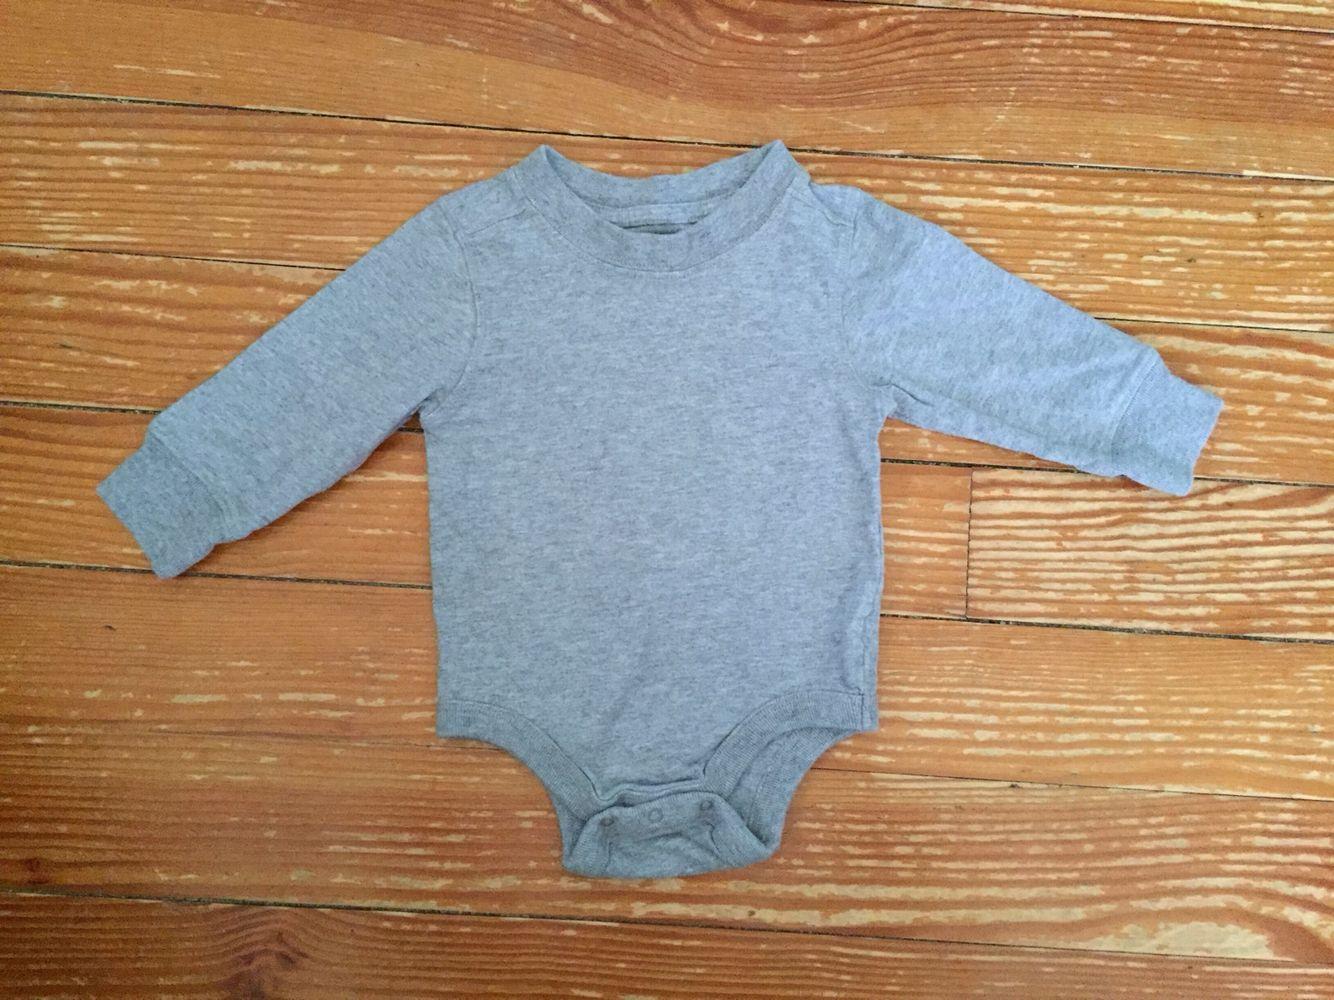 Old Navy 6-12 months grey long sleeve onesie